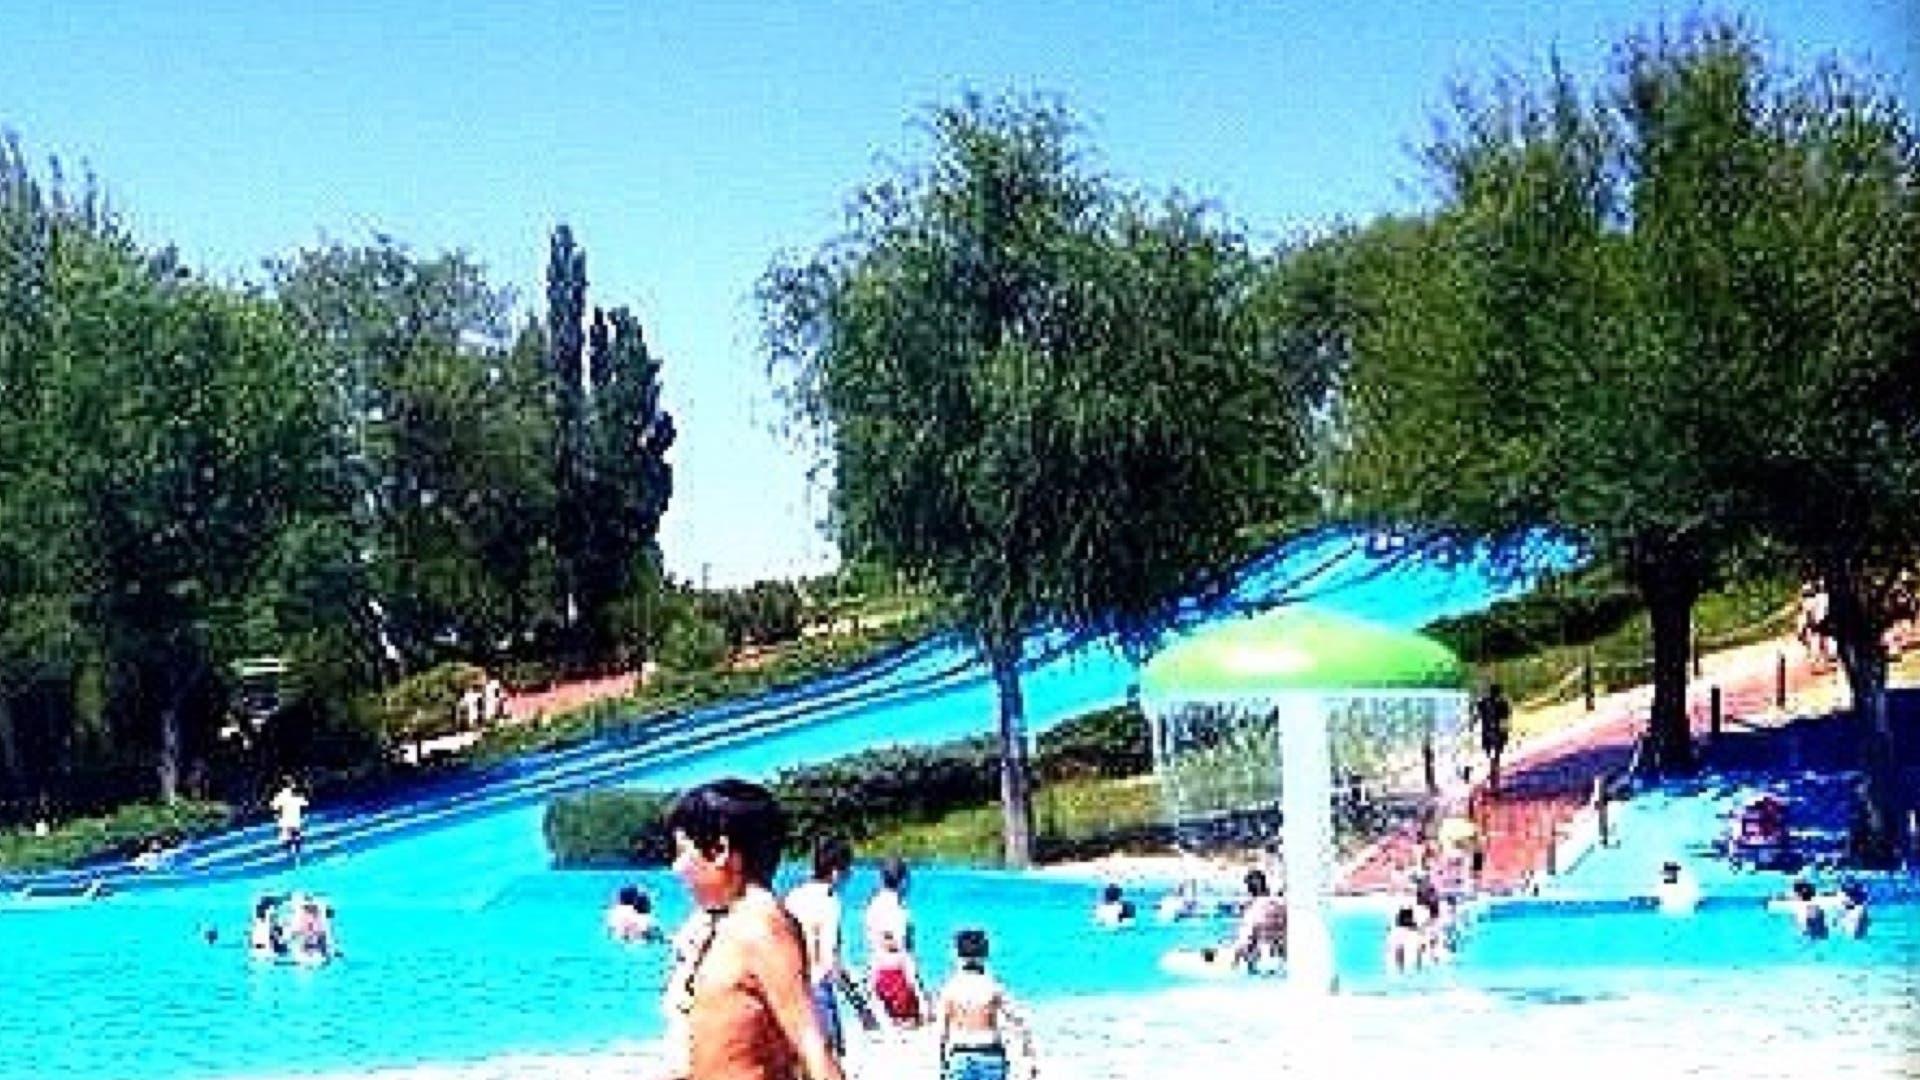 Las piscinas y los planes m s refrescantes del corredor del henares - Piscina san fernando de henares ...